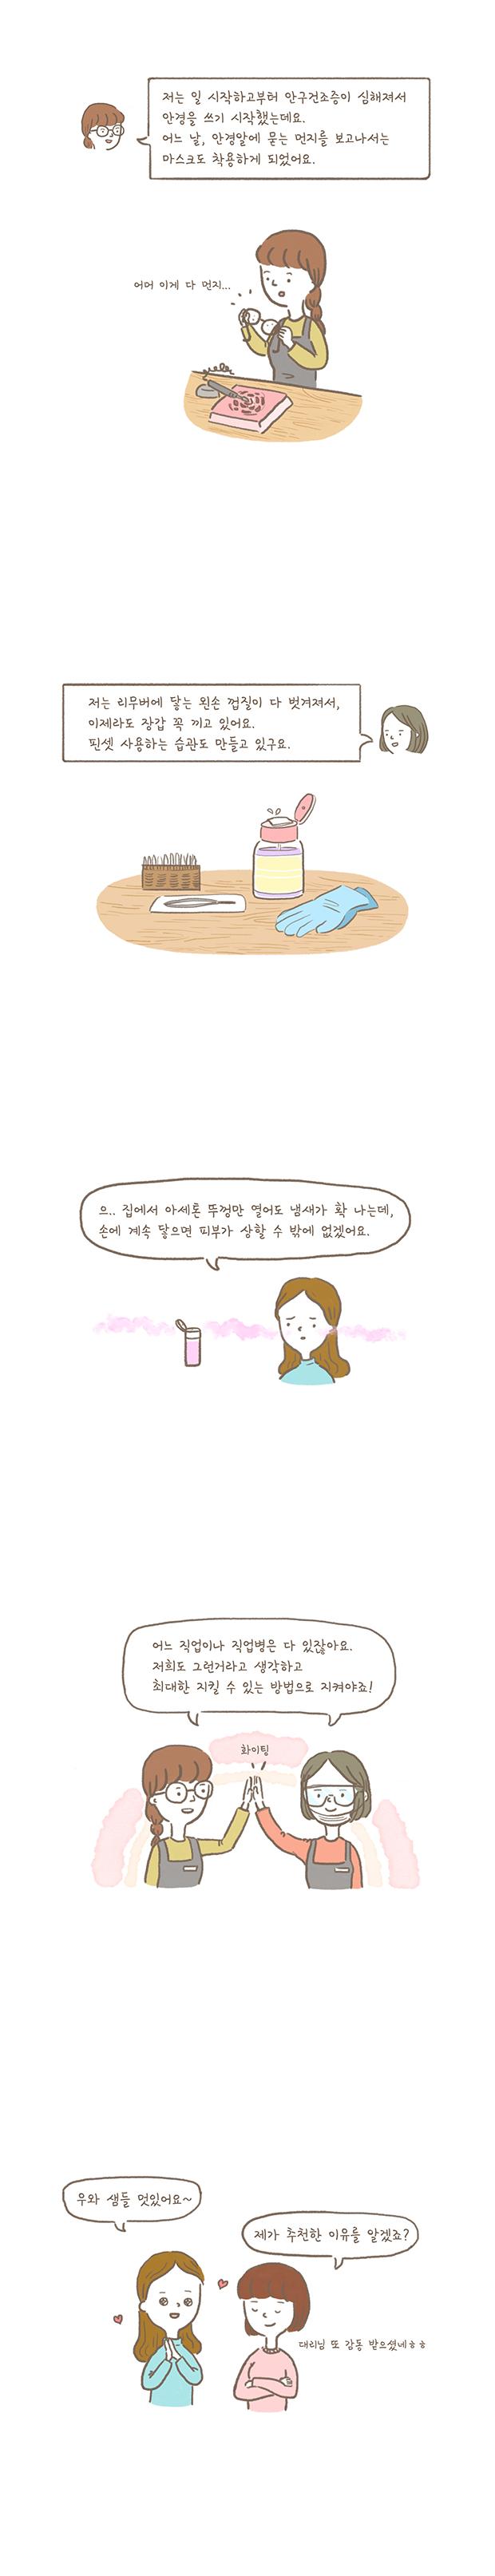 웹툰_종사자용(개인 보호장치)3